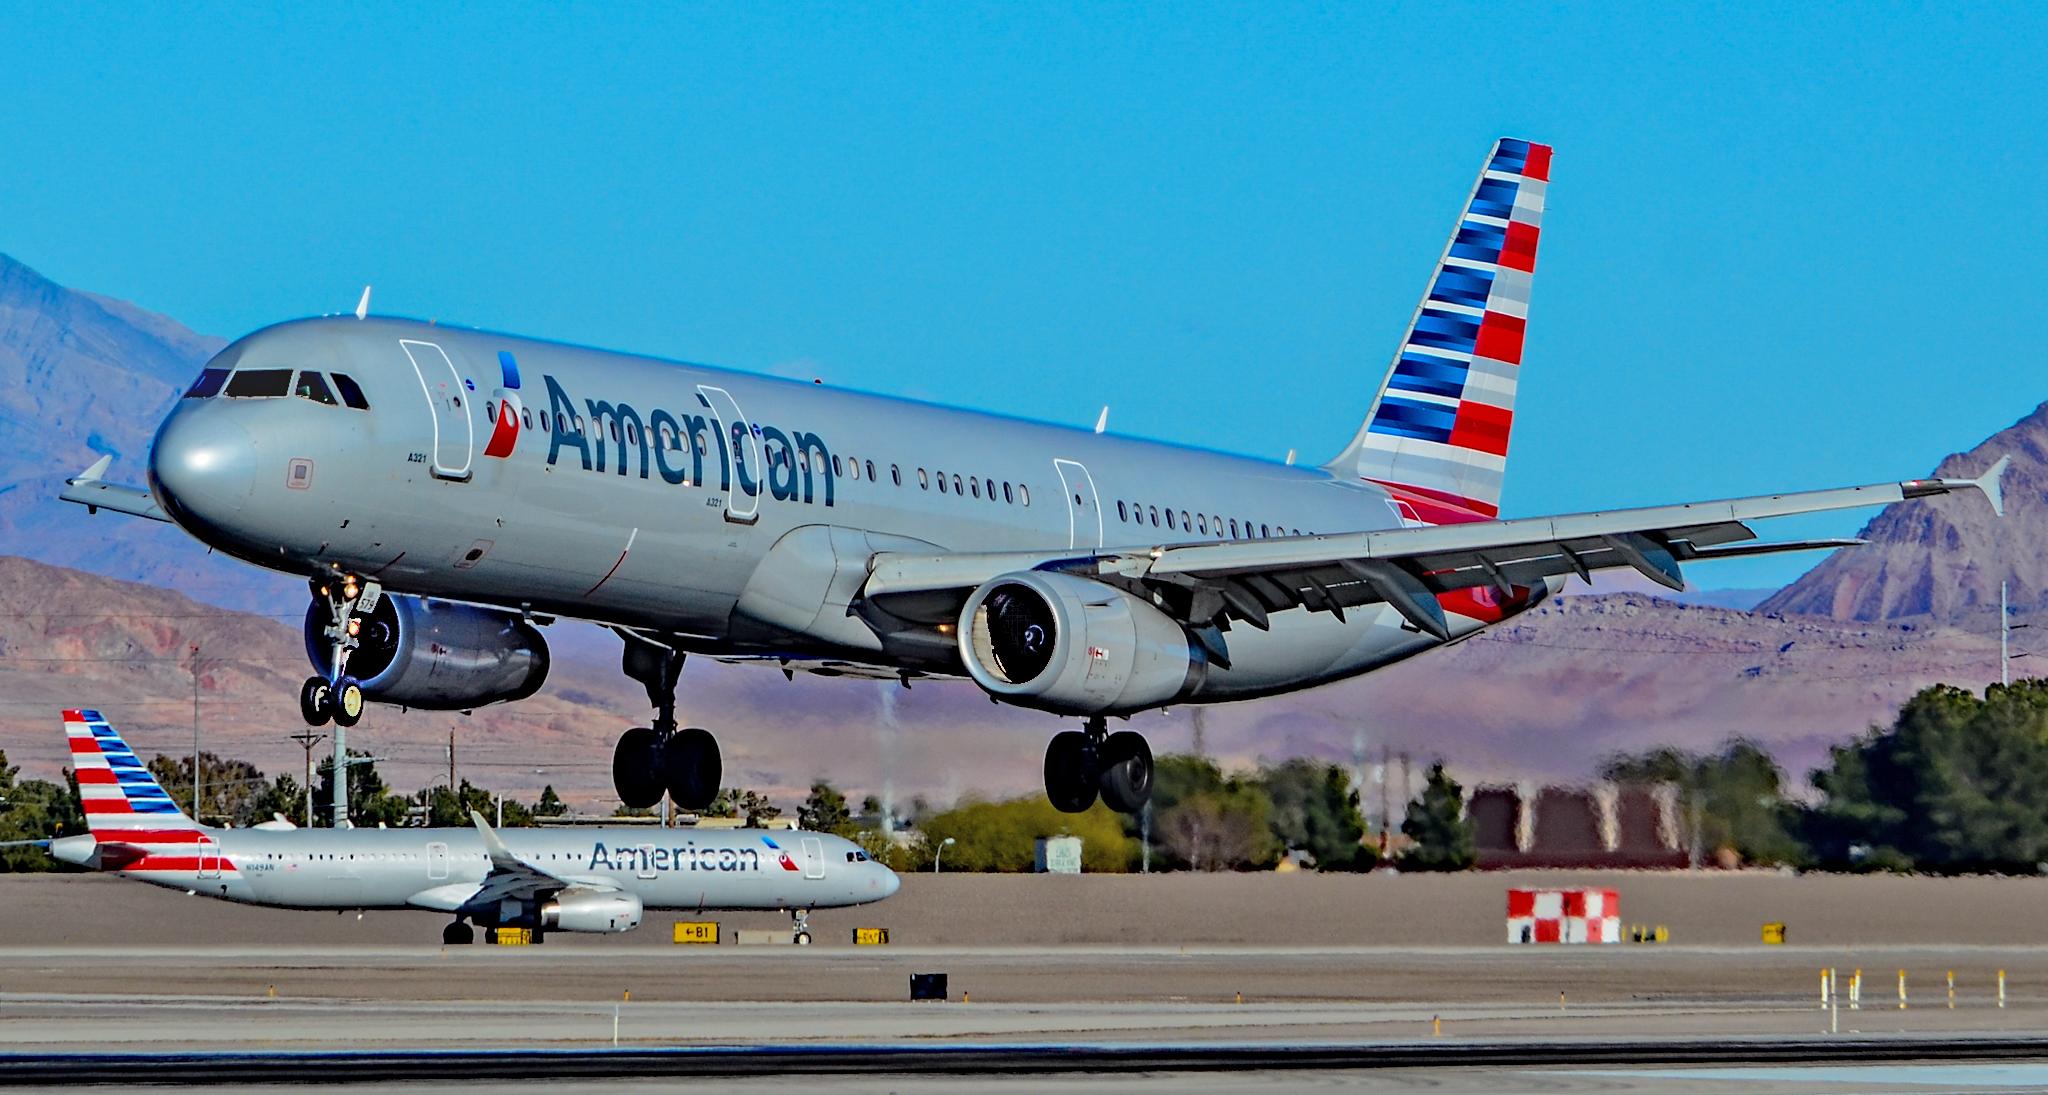 Samoloty American Airlines zaczną latać z Krakowa do Chicago dopiero za rok